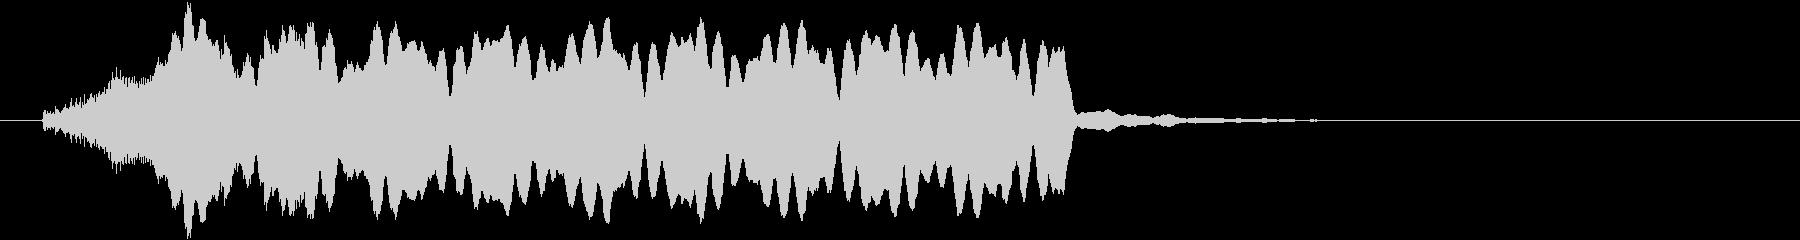 ウウィーン_02の未再生の波形